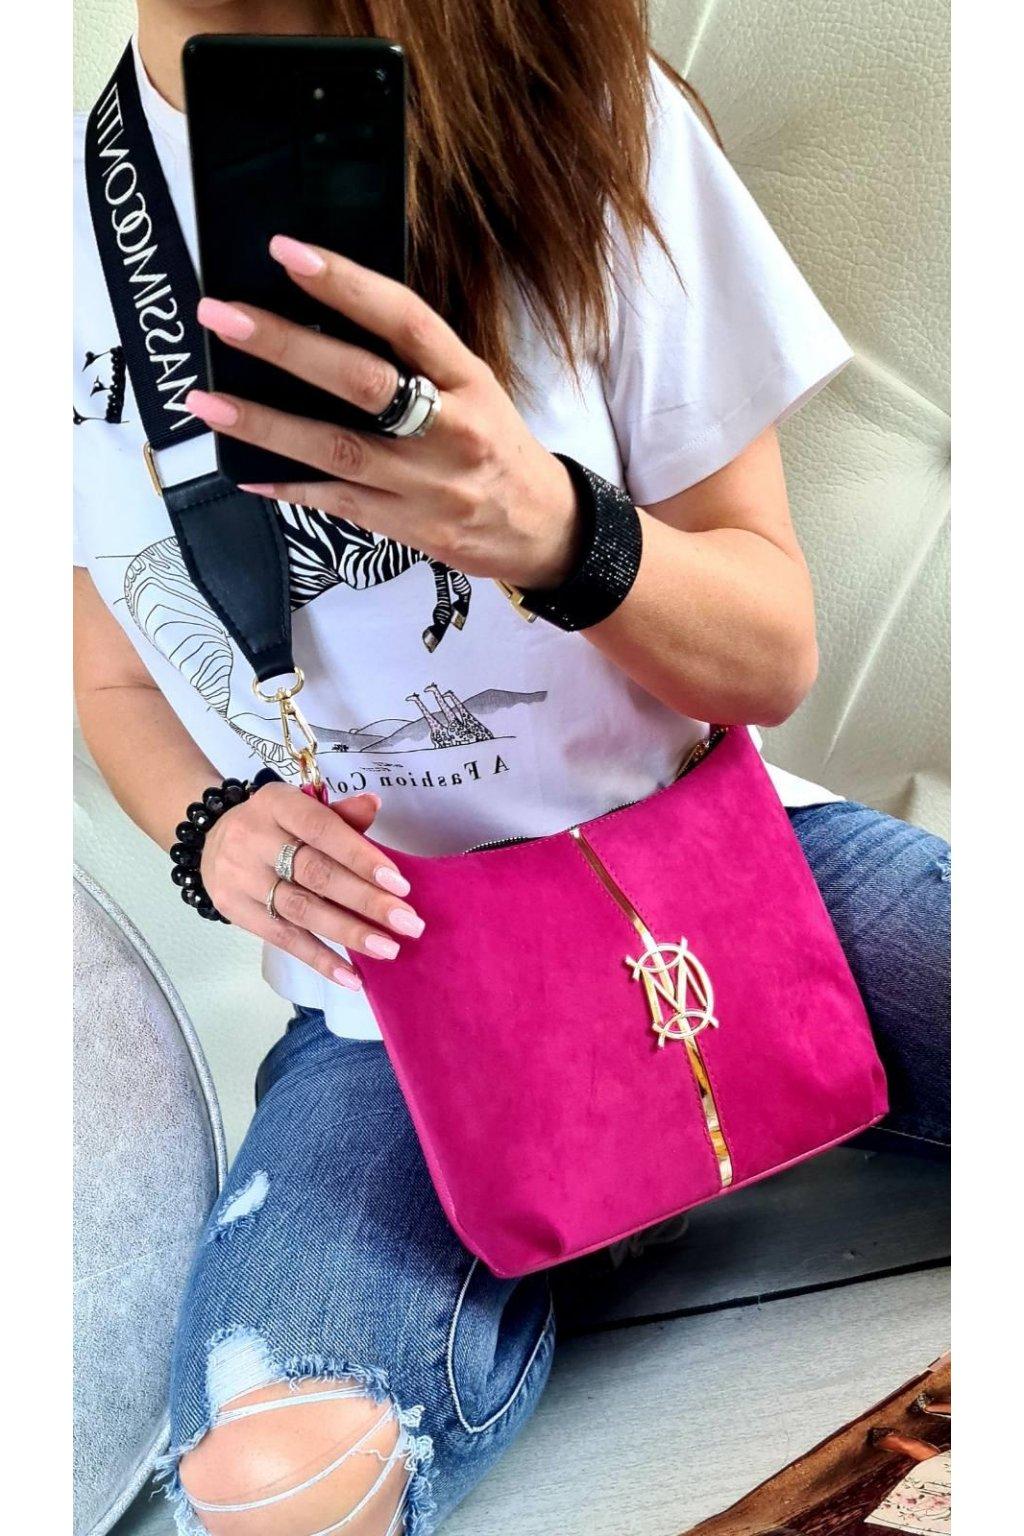 crossbody massimo contti růžová italy style fashion luxusní kabelka must have značková kabelka